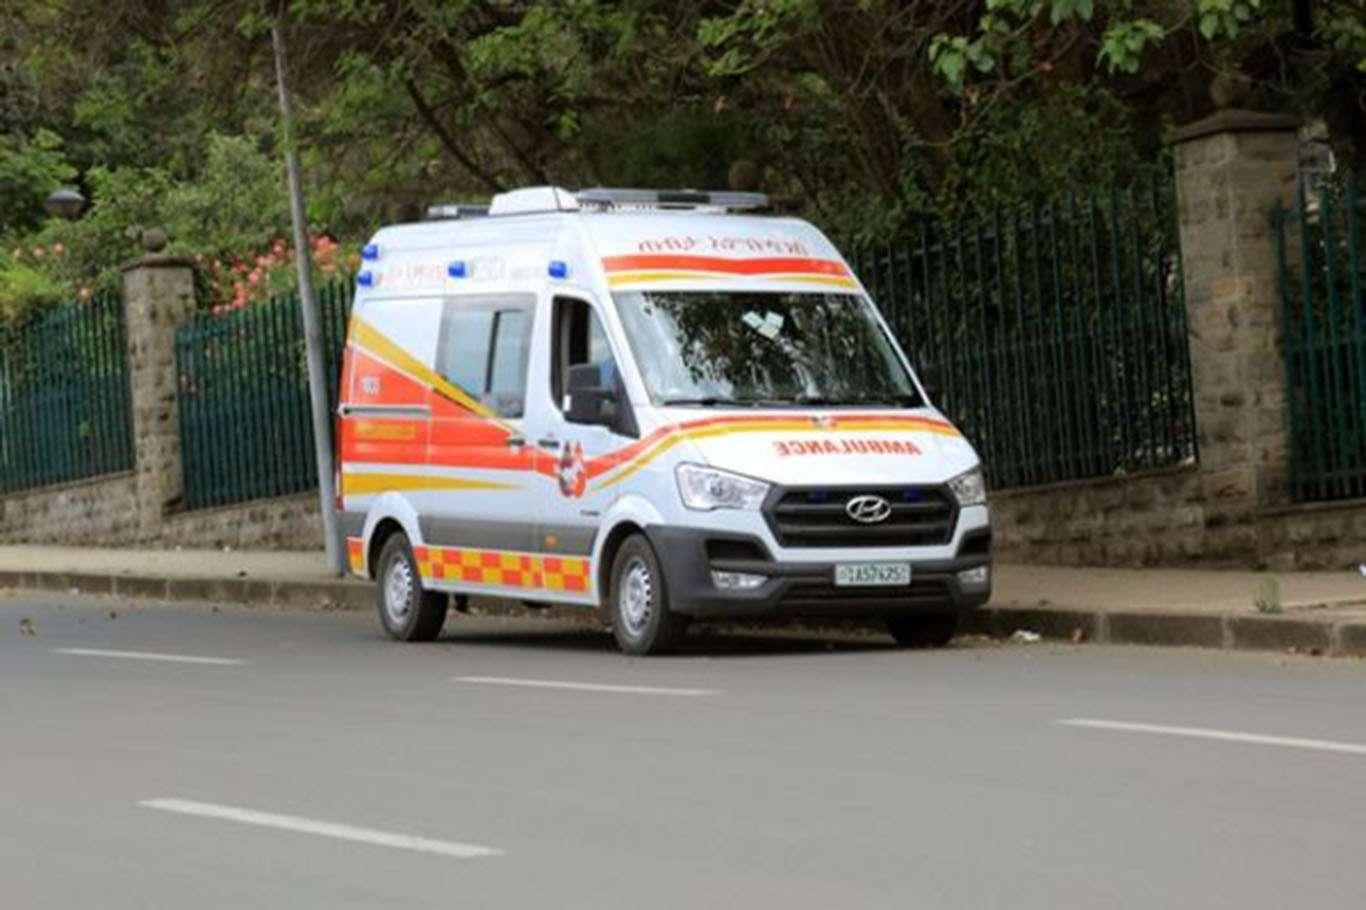 Etiyopya'da Otobüs 200 Metreden Aşağı Yuvarlandı: 24 Ölü